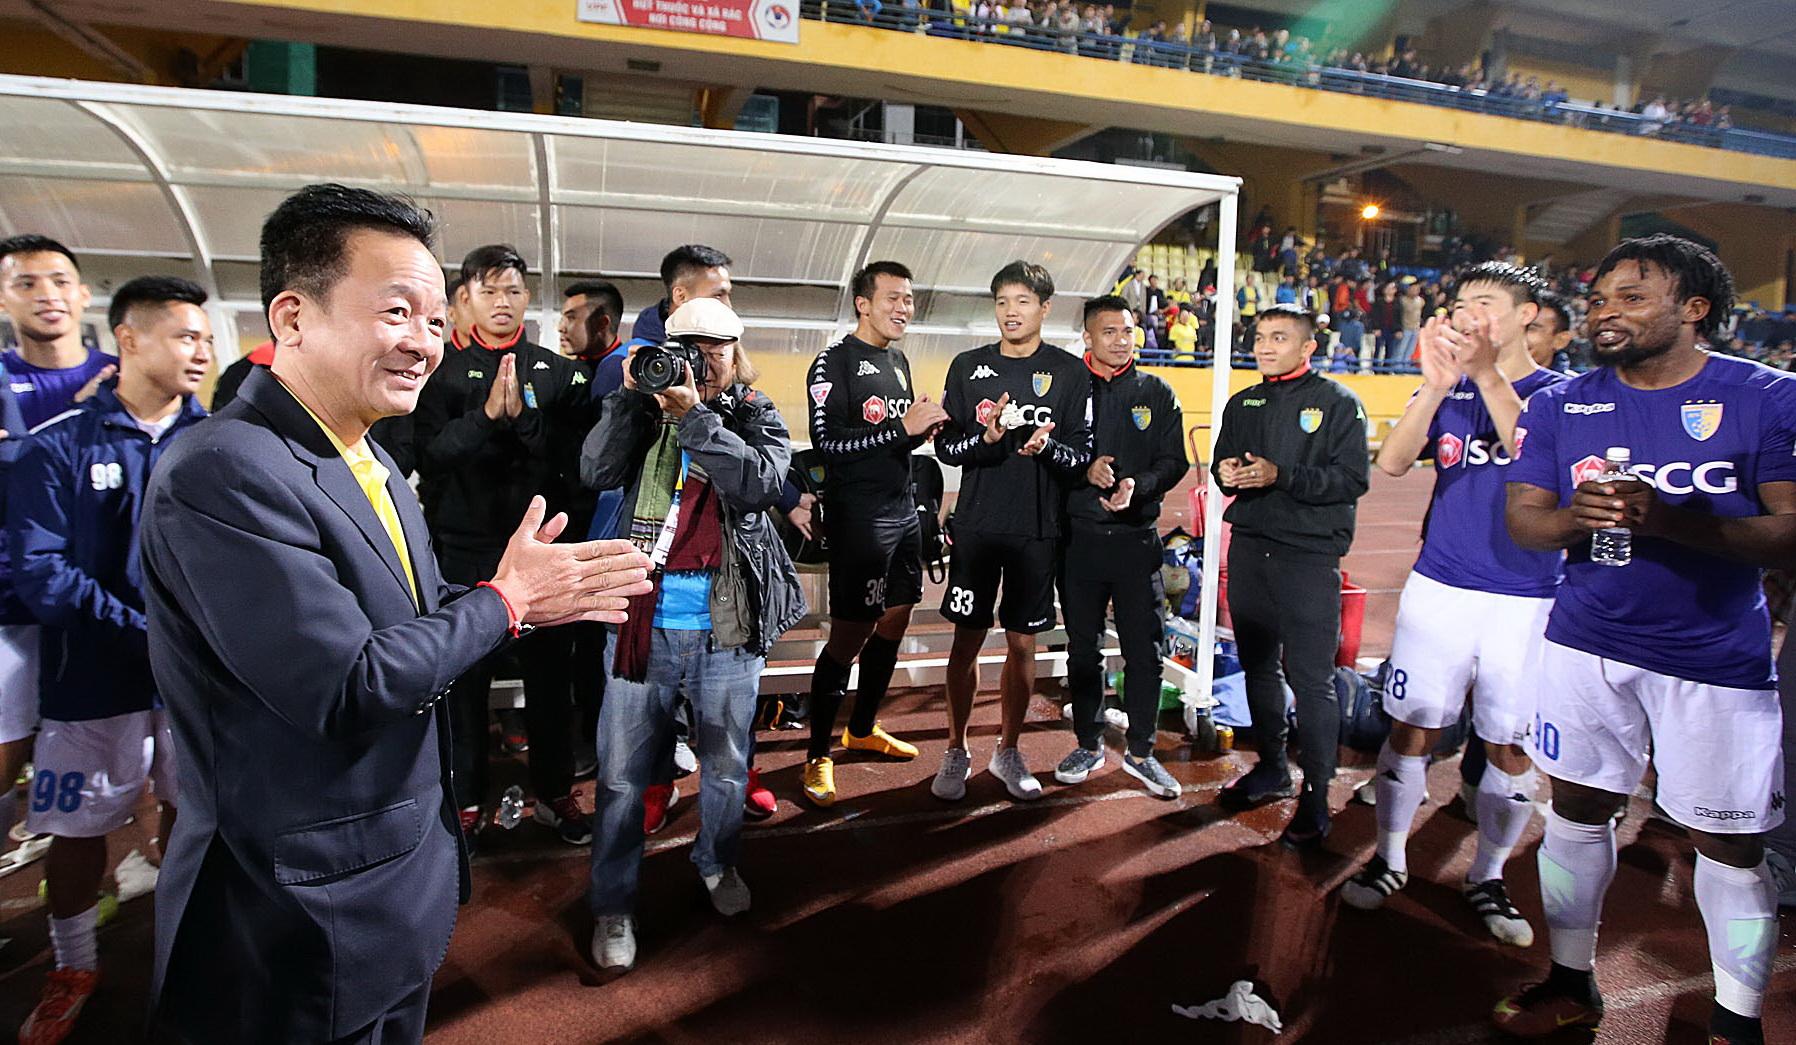 Bầu Hiển (bìa trái) nói rằng đội Hà Nội sẽ có xử lý nghiêm với những thành viên gây ra hình ảnh xấu xí trên sân Pleiku tối 11-5- Ảnh: ANH HOÀNG